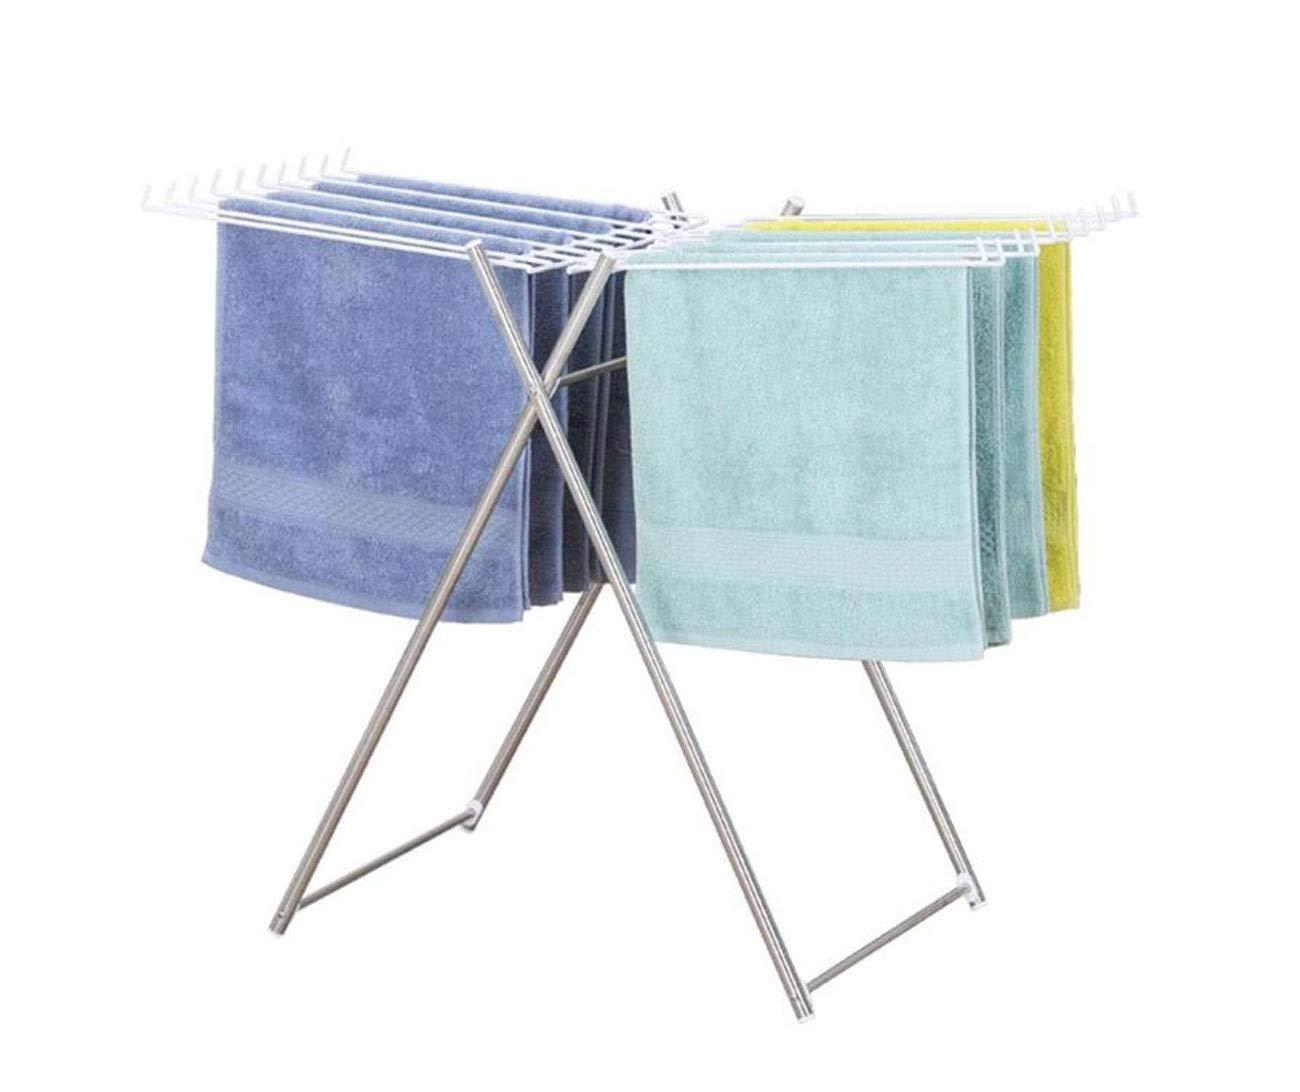 折りたたみ乾燥ラック、ミニ乾燥タオル掛けフロアタイプ家庭用折りたたみ室内乾燥ラック B07S671NZ1